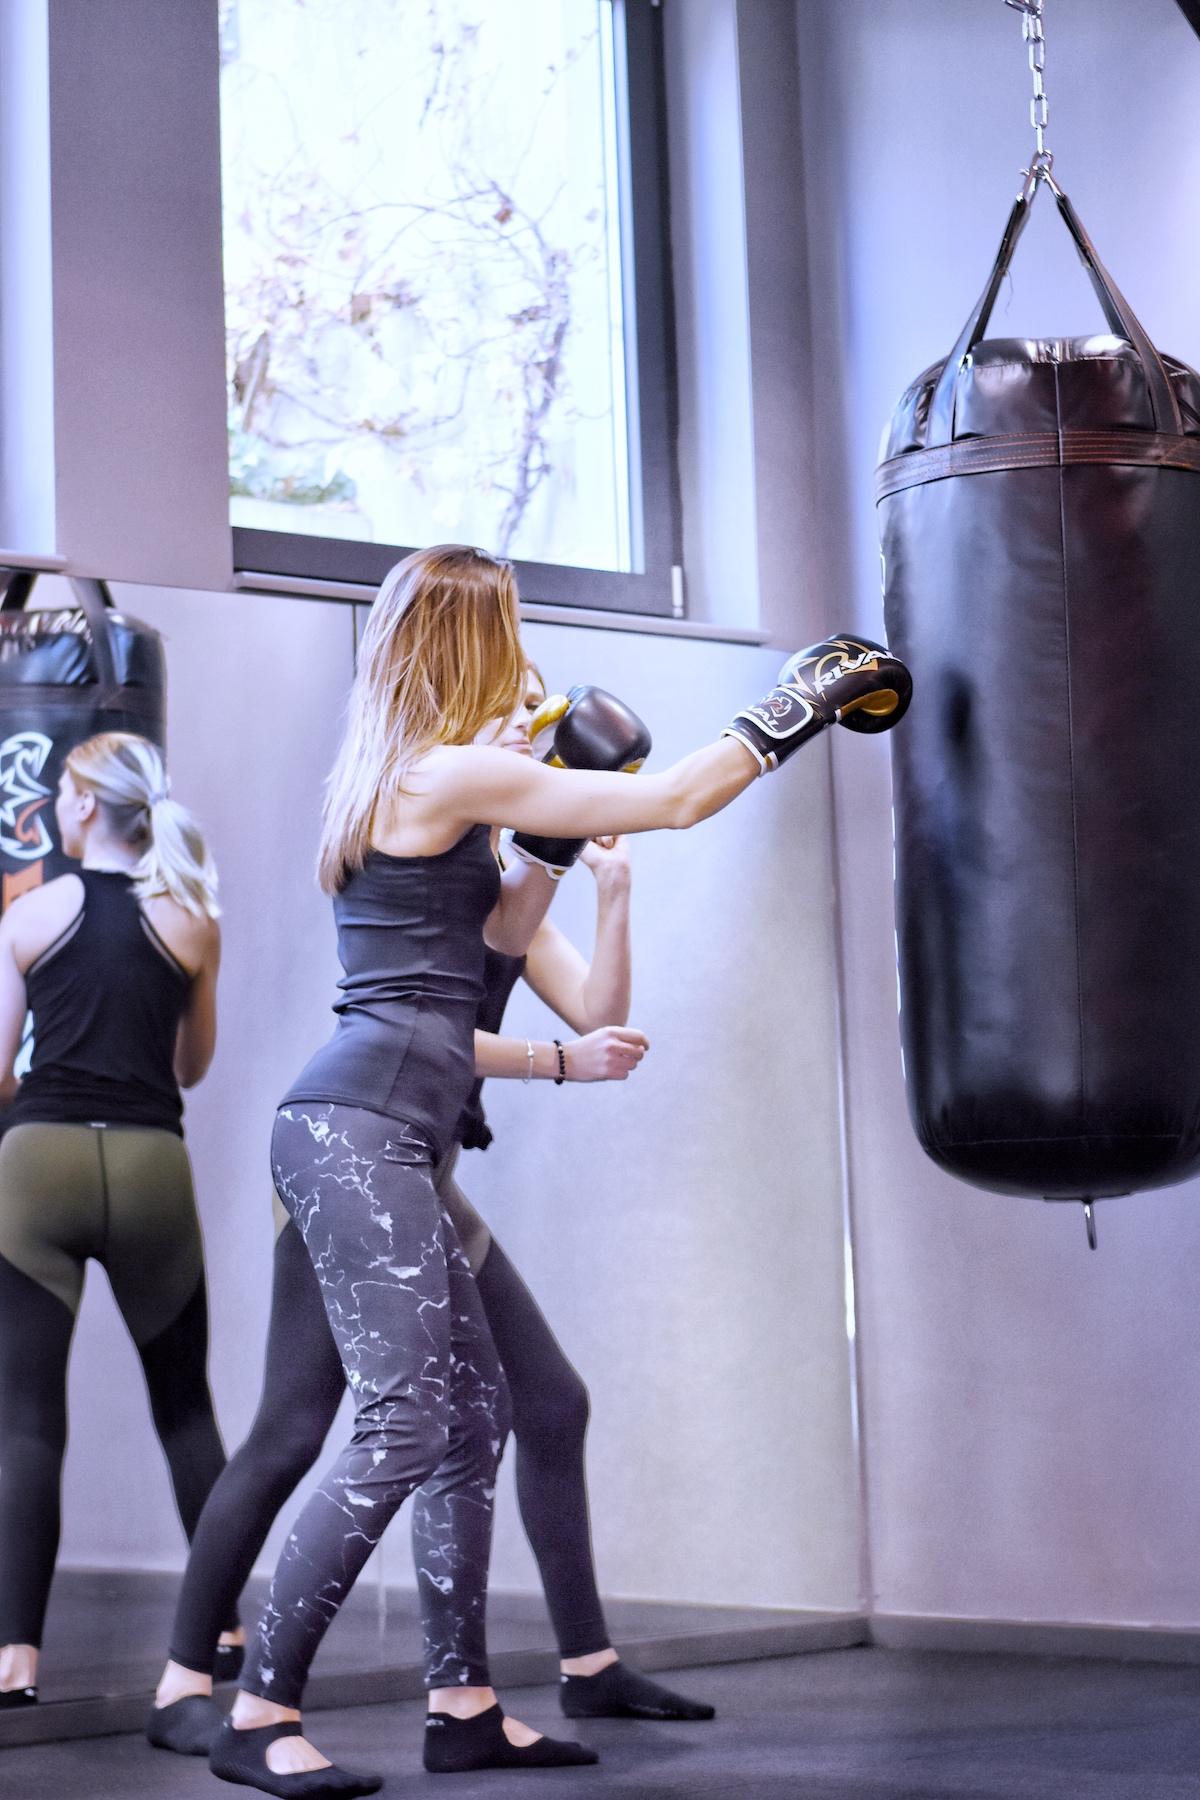 Studio Lagree München - ganzheitliches Fitnesstraining | Interview Studio K.O. Boxen